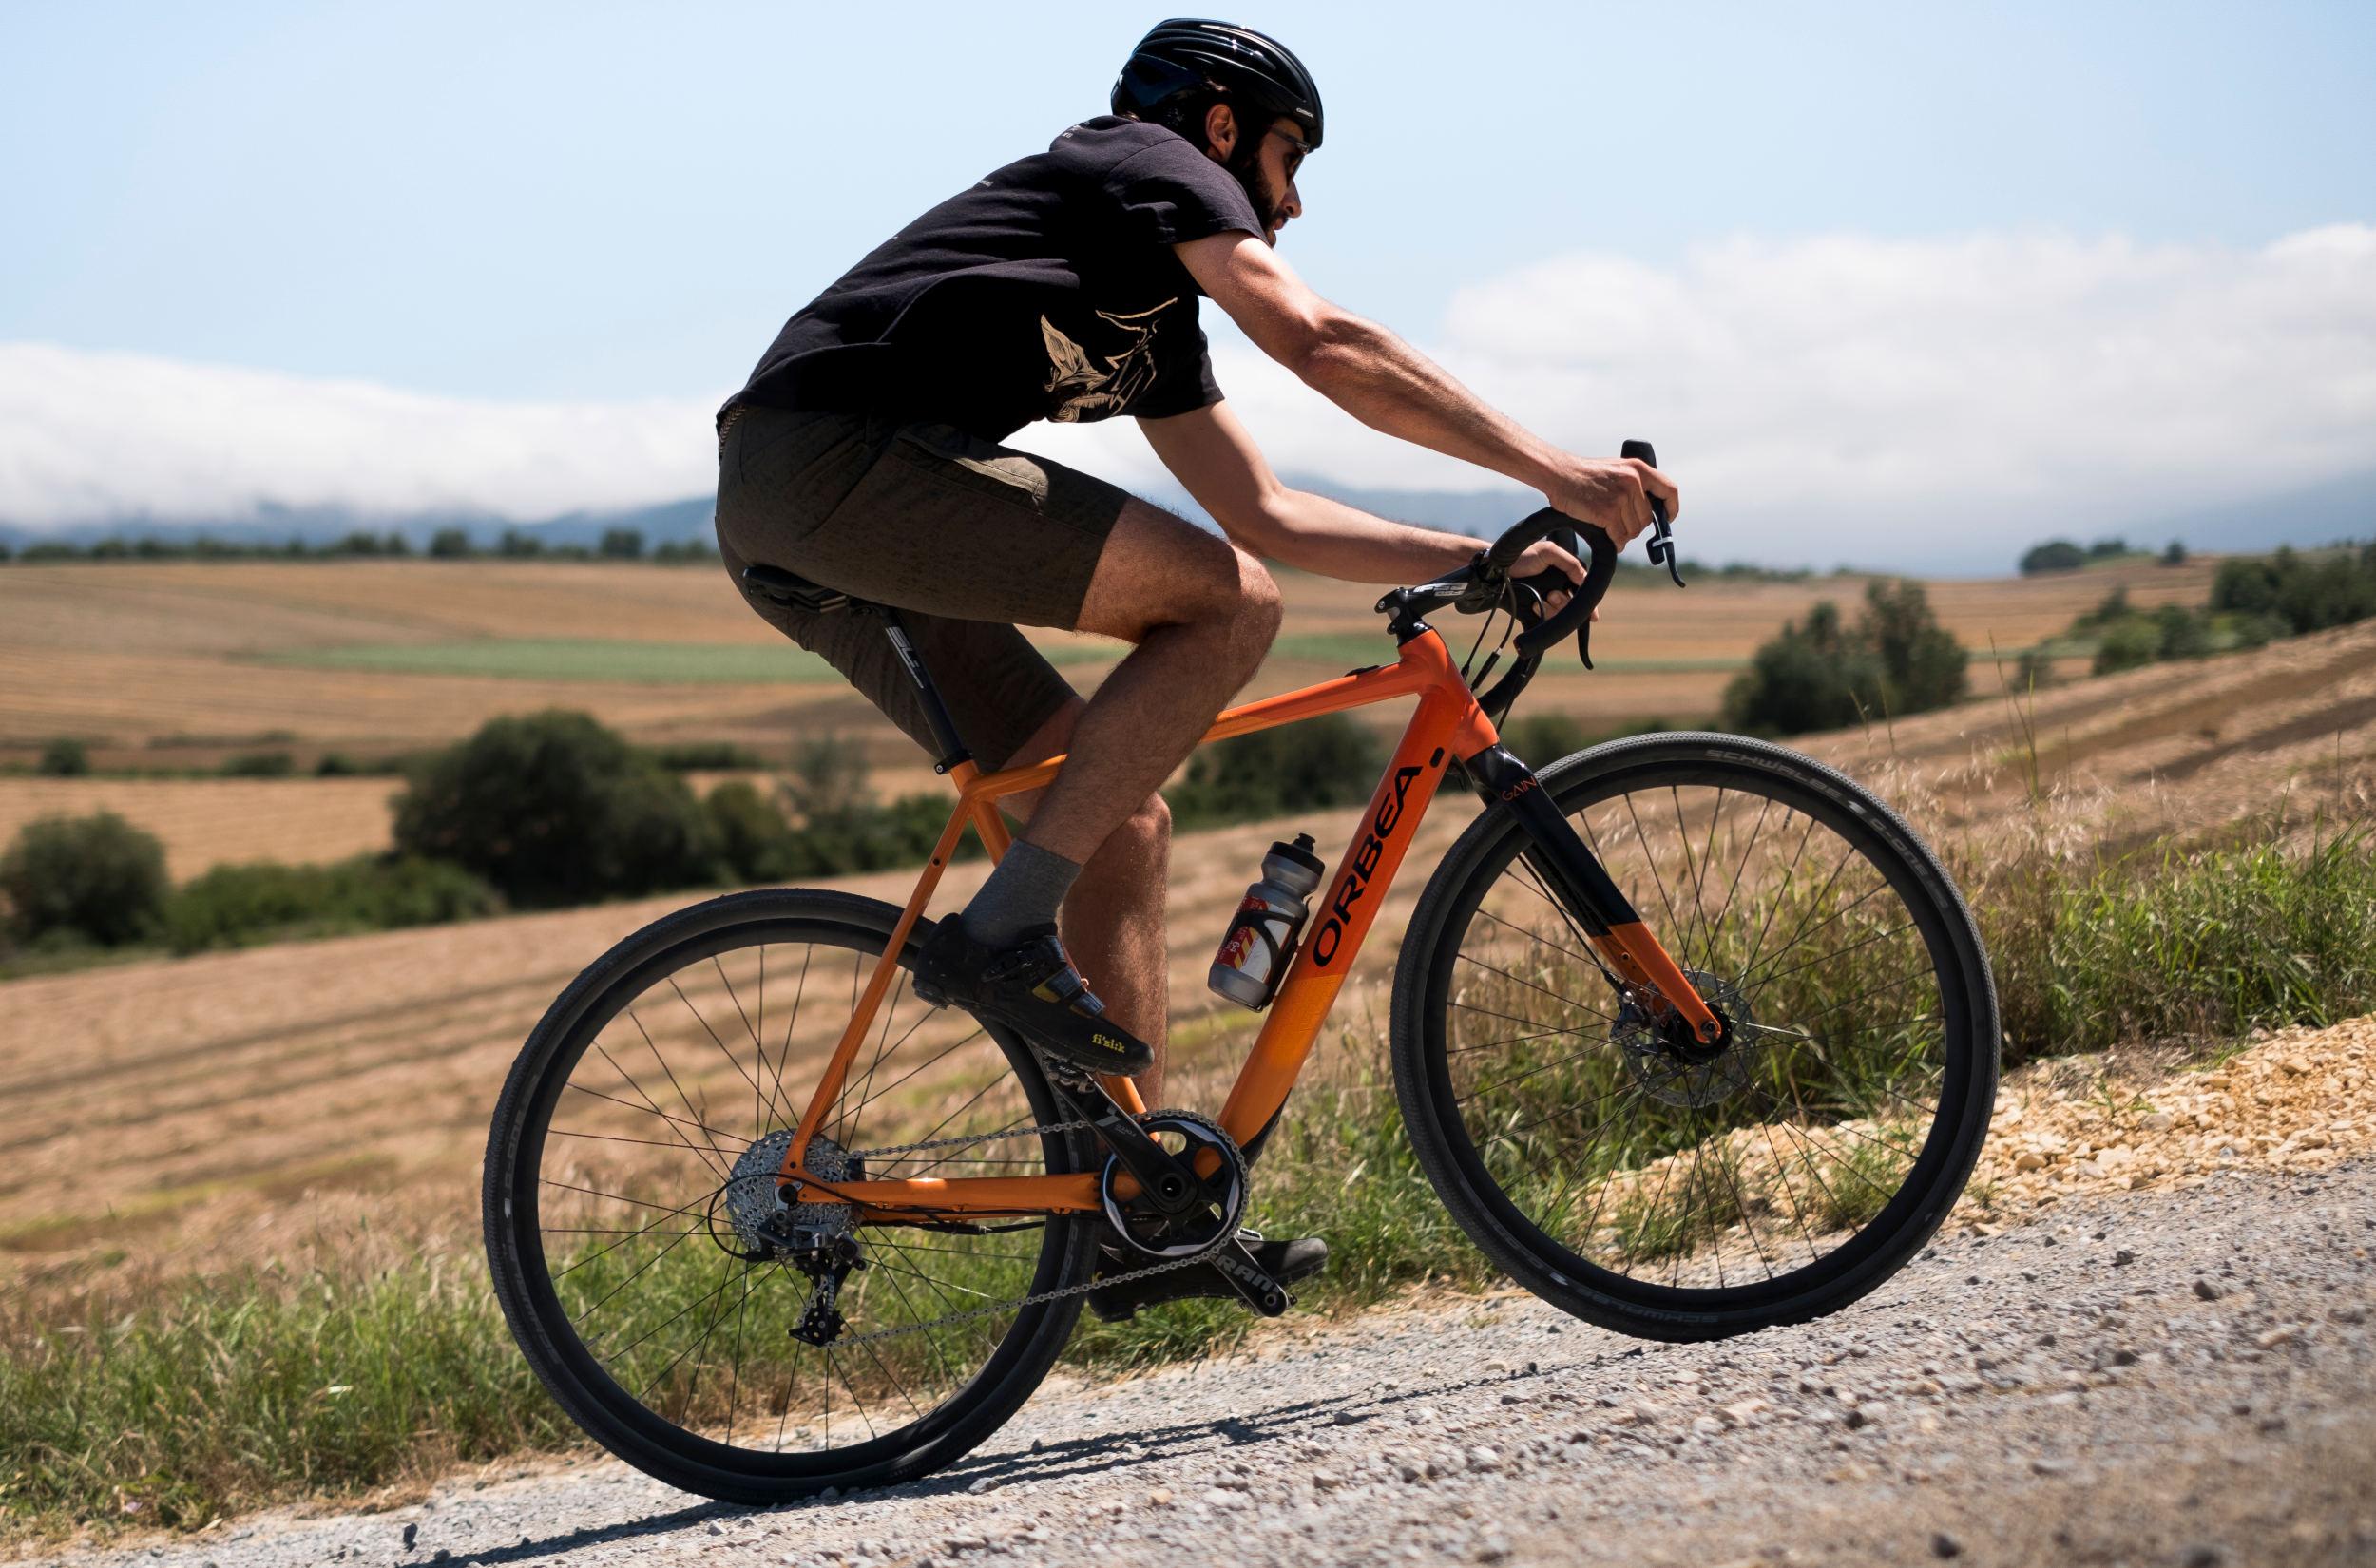 Orbea Gain bicicleta eléctrica carretera bici eléctrica